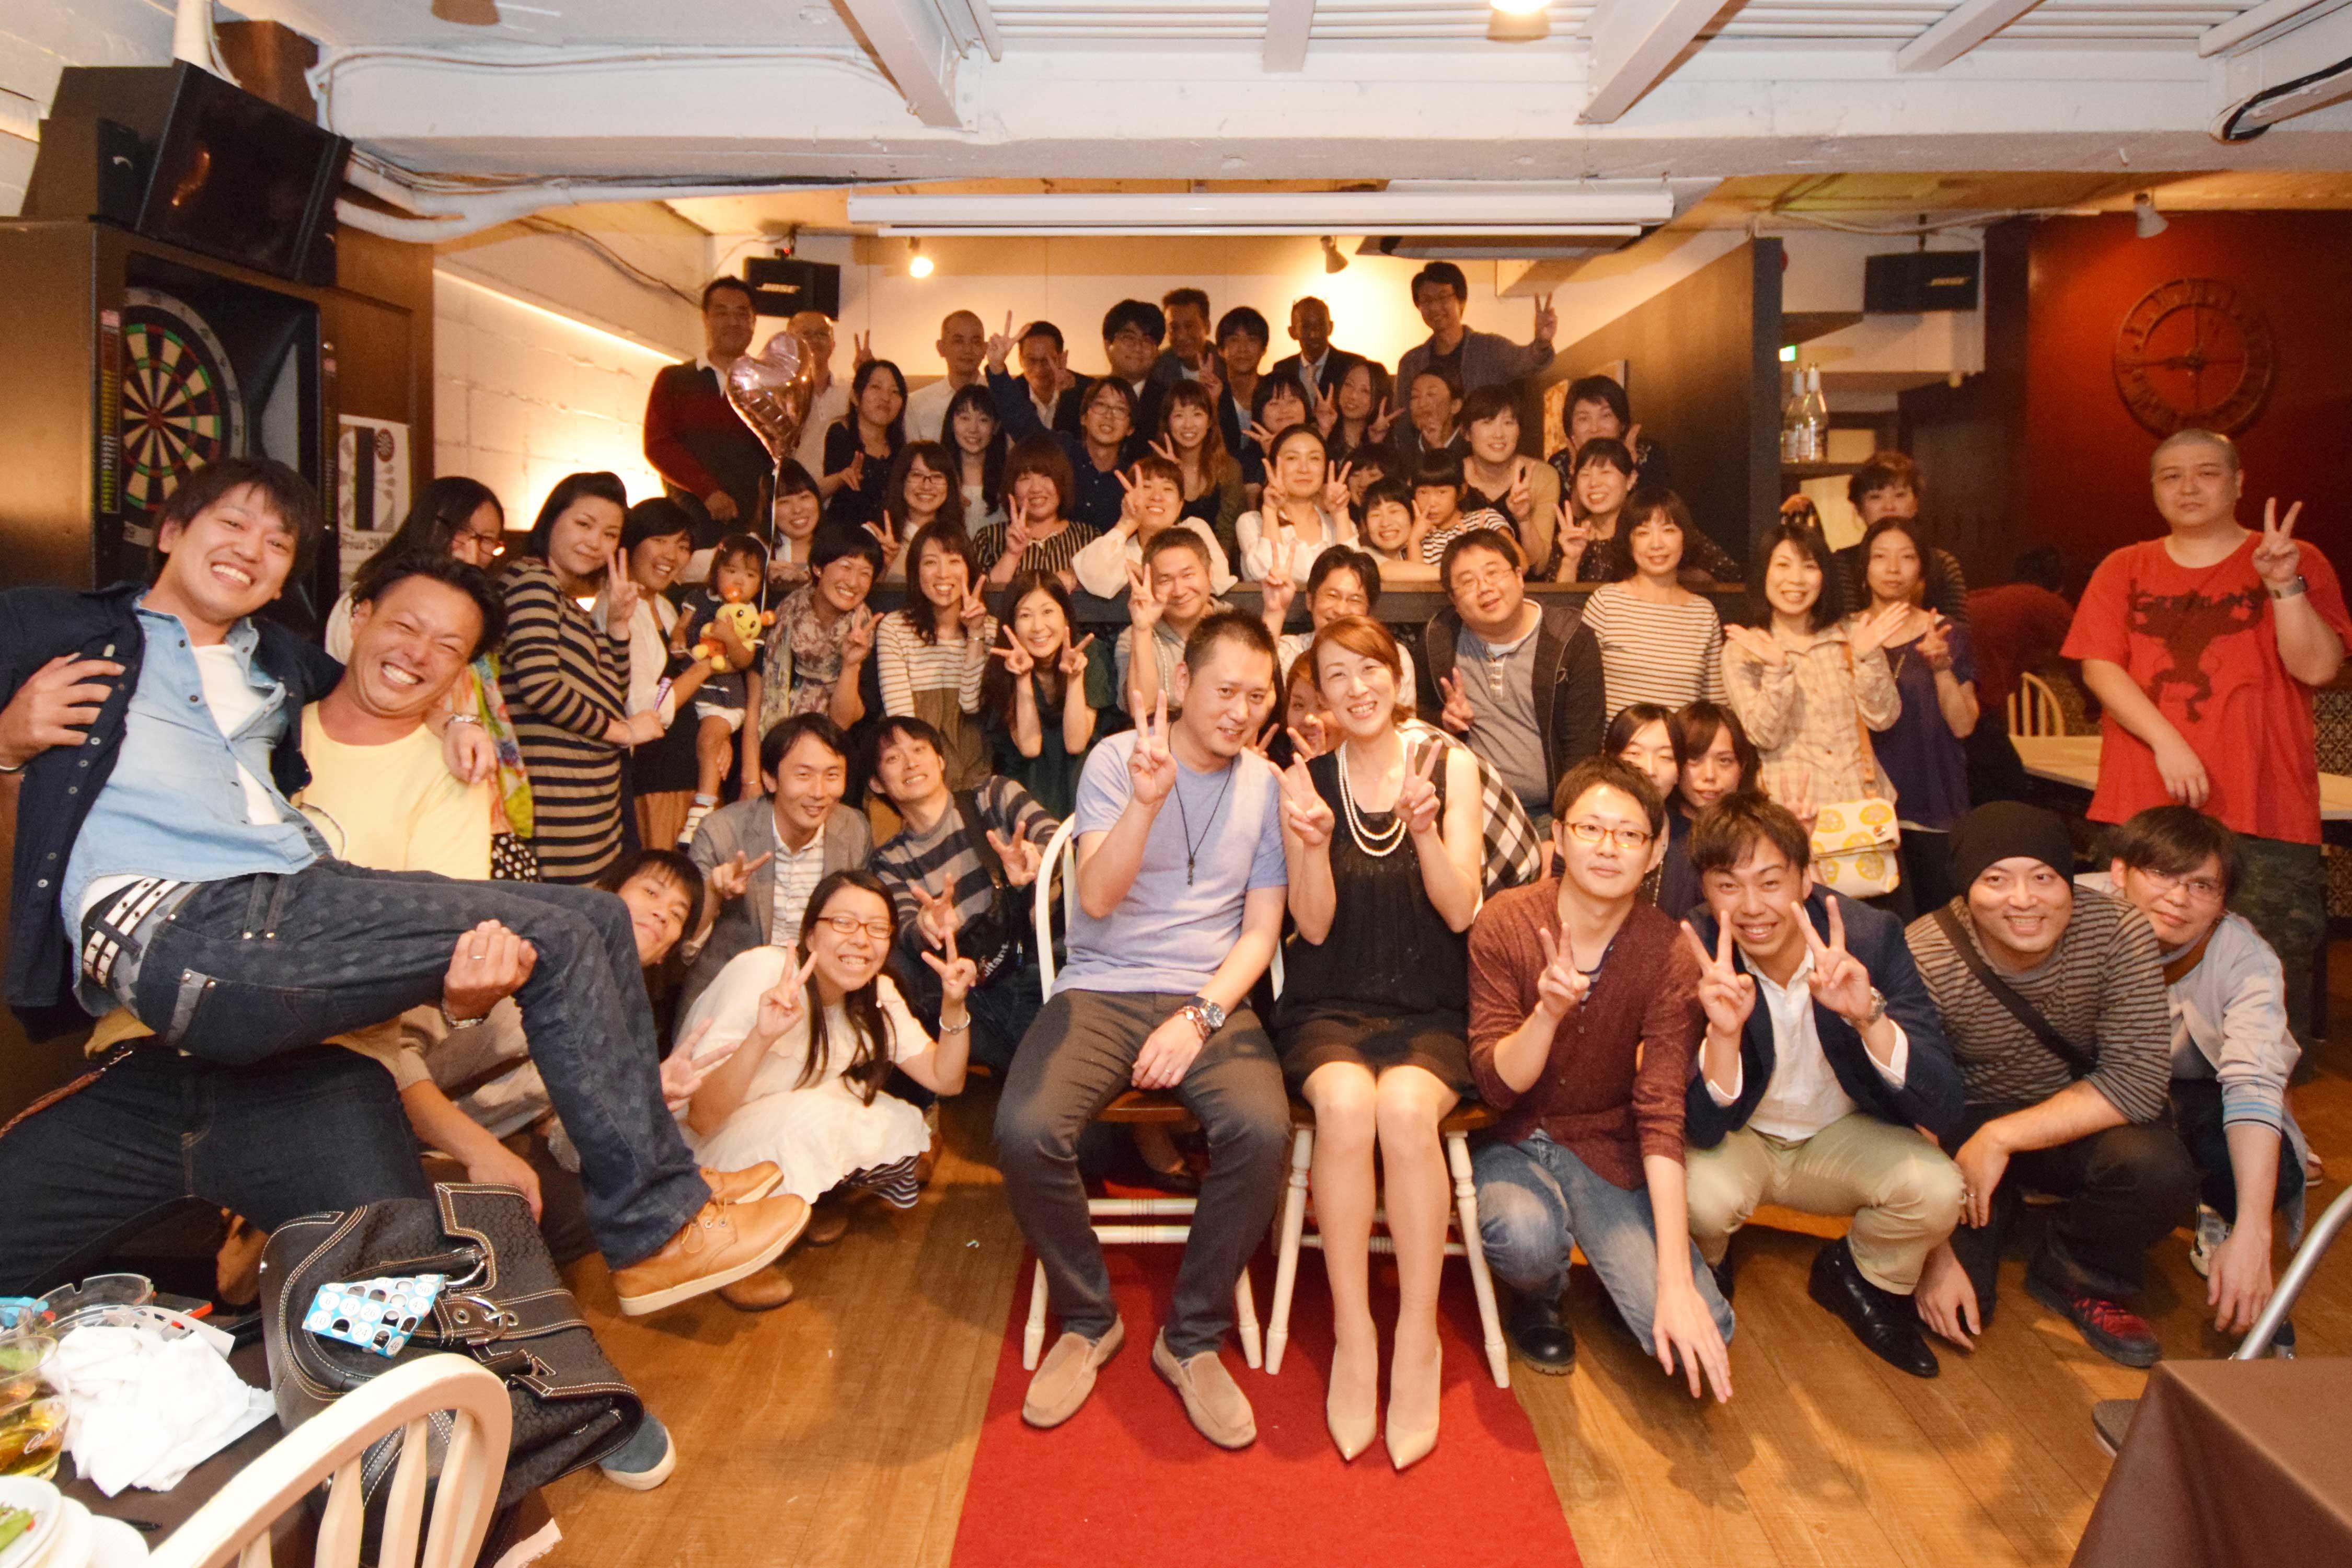 c3c9a8af80b19 ... つ前の友達の結婚式のあとは、都内に戻って. 今週末は二次会だけでも熊本・北九州・鹿児島で4件入っておりますので、全ての新郎新婦さん、そして参加者の皆さんに  ...